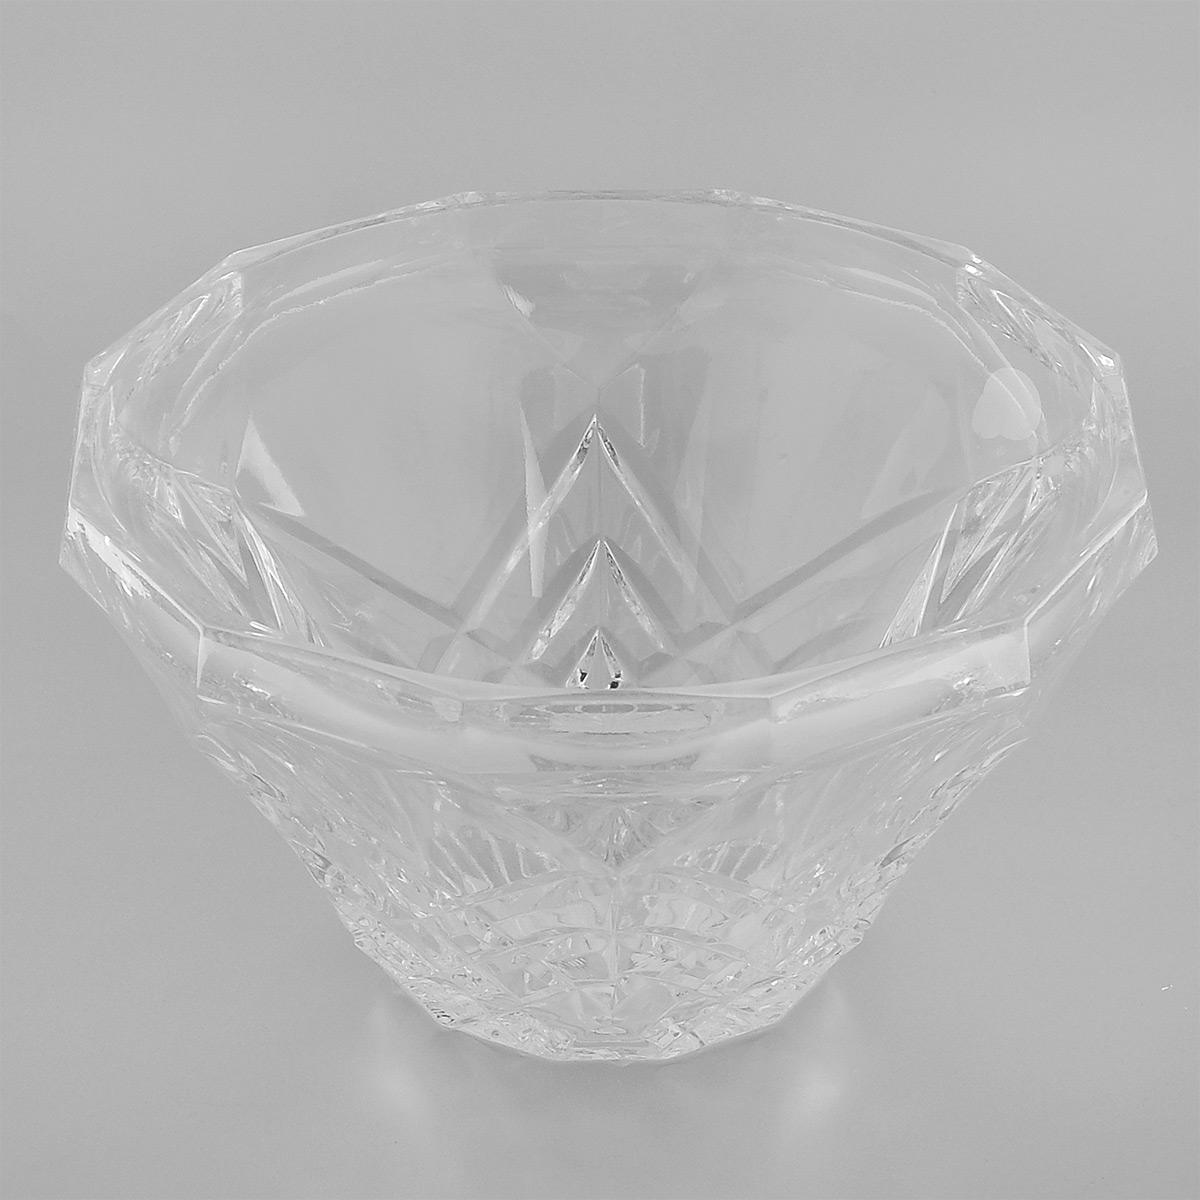 Салатник Neman, диаметр 18,5 см9921(800/124)Салатник Neman, выполненный из прочного высококачественного свинцового хрусталя, имеет круглую форму и декорирован рельефным узором. Он излучает приятный блеск и издает мелодичный звон. Салатник сочетает в себе изысканный дизайн с максимальной функциональностью. Он прекрасно впишется в интерьер вашей кухни и станет достойным дополнением к кухонному инвентарю. Салатник не только украсит ваш кухонный стол и подчеркнет прекрасный вкус хозяйки, но и станет отличным подарком. Нельзя мыть в посудомоечной машине и использовать в микроволновой печи. Диаметр (по верхнему краю): 18,5 см. Диаметр основания: 8 см. Высота салатника: 10,5 см.